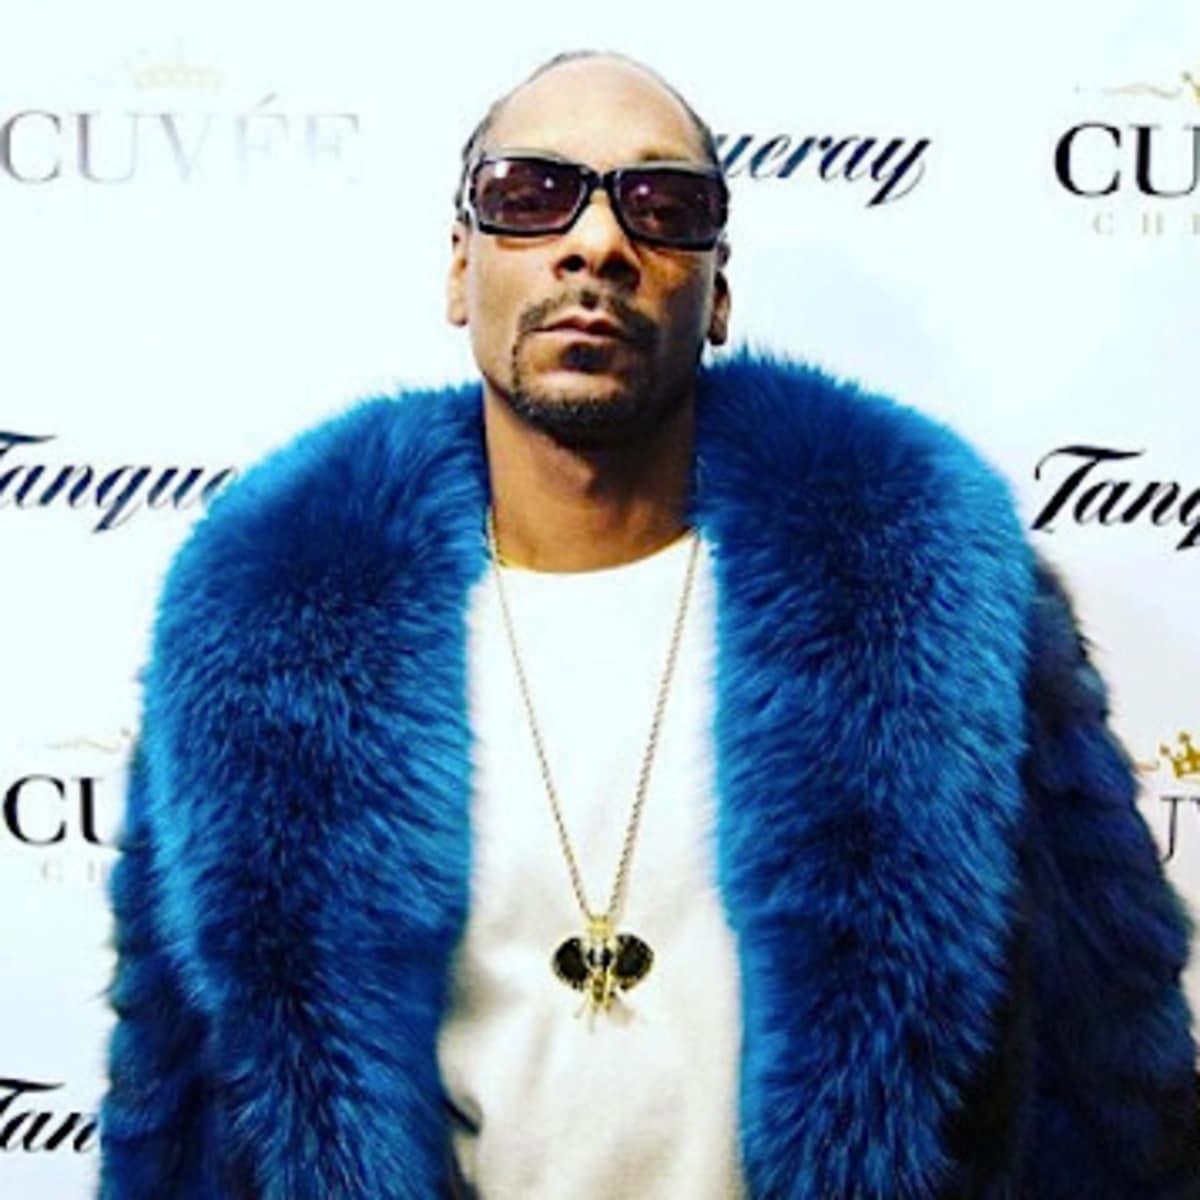 Houston, Snoop Dogg, Jan 2017